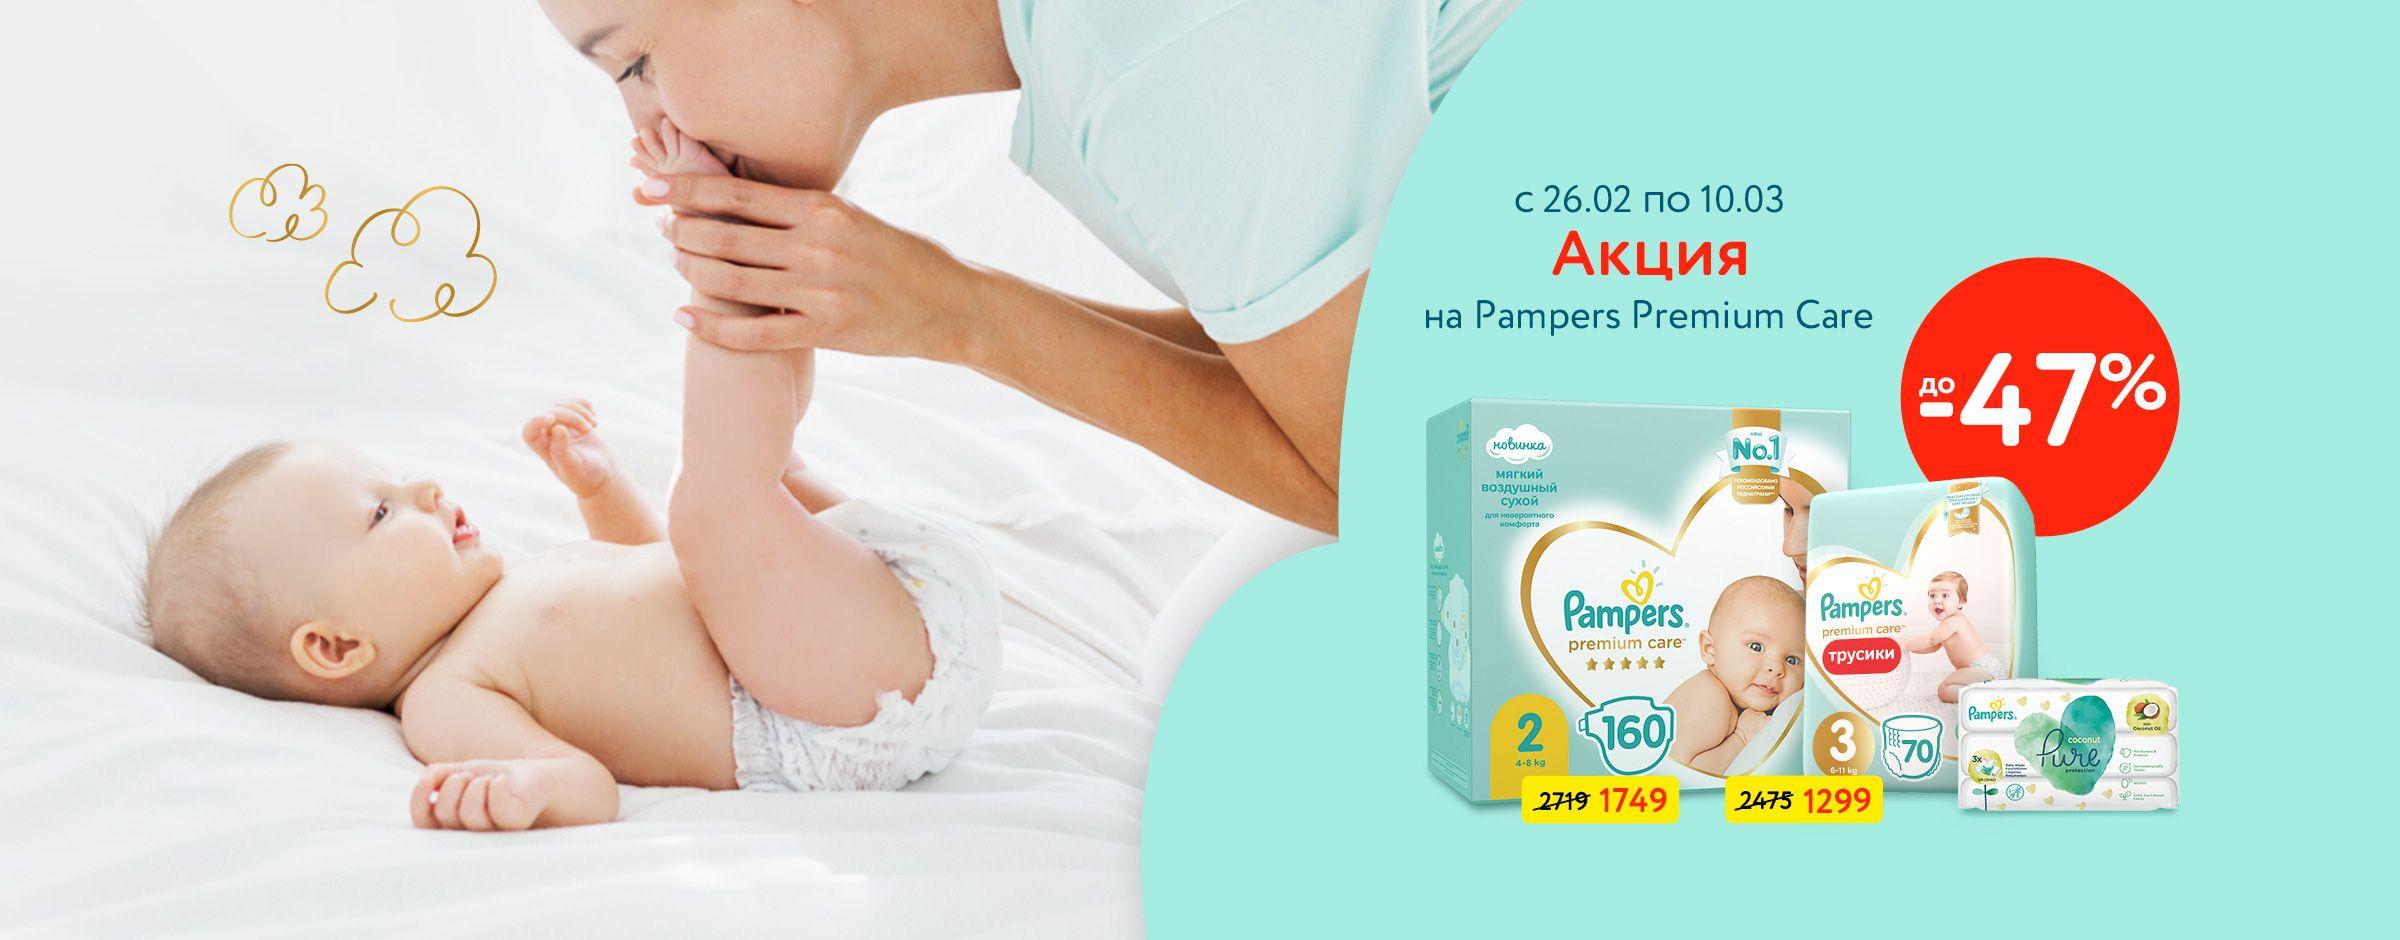 До 47% на Pampers Premium care статика